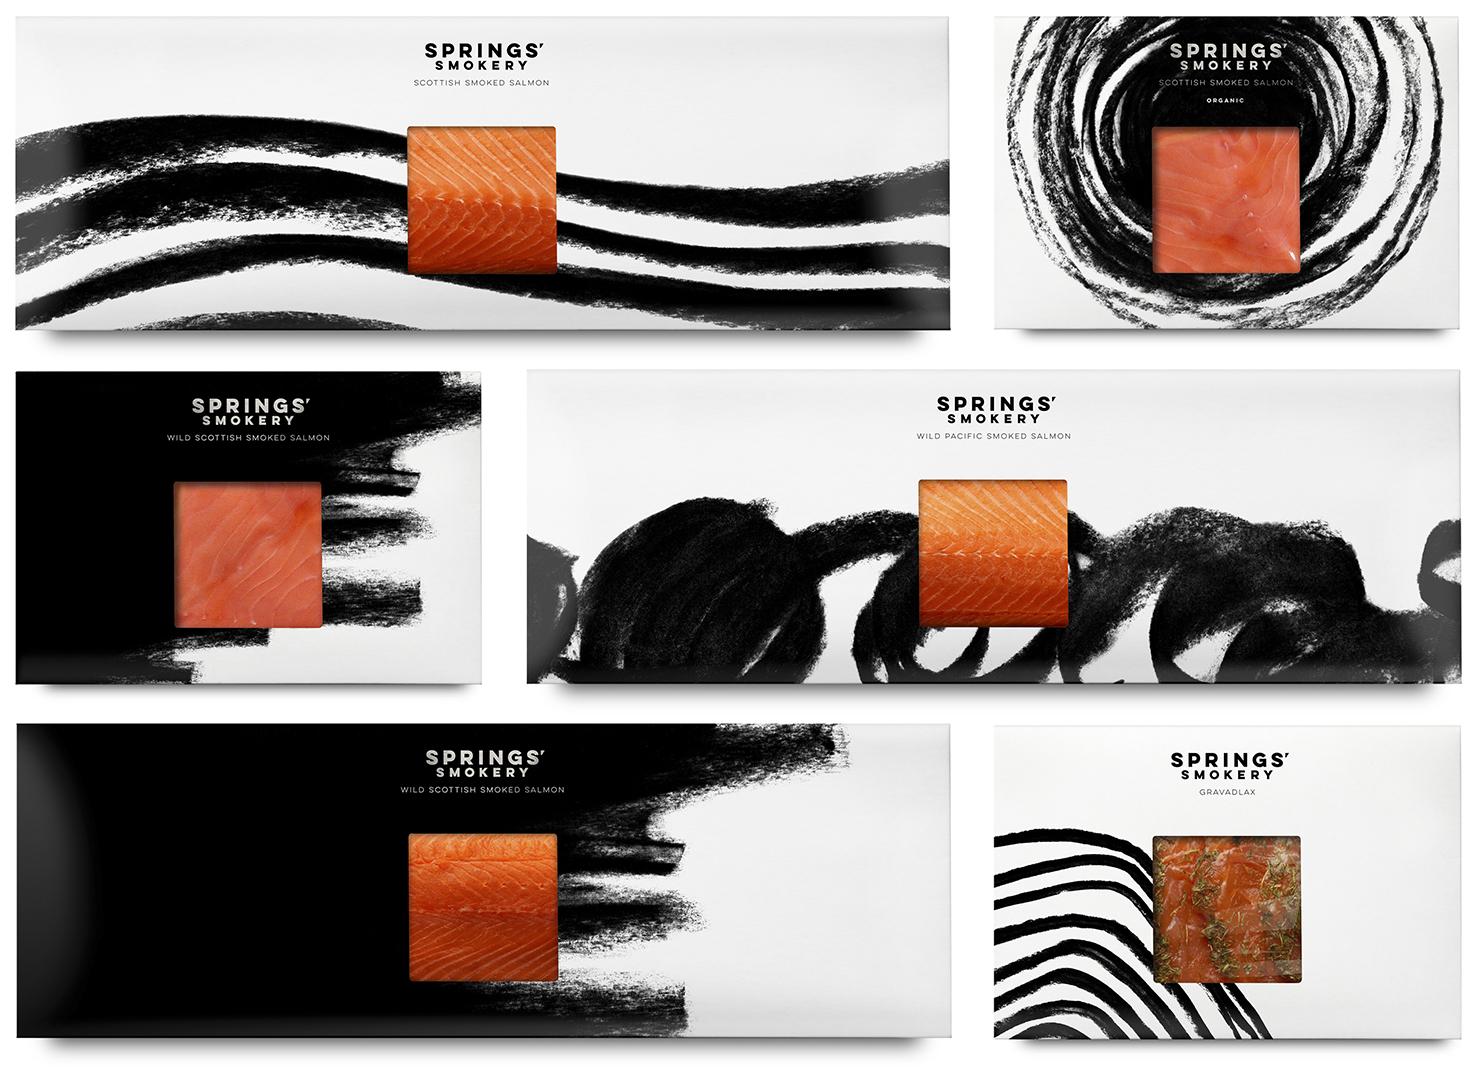 Black & White Branding – Springs' Smokery by Distil, United Kingdom